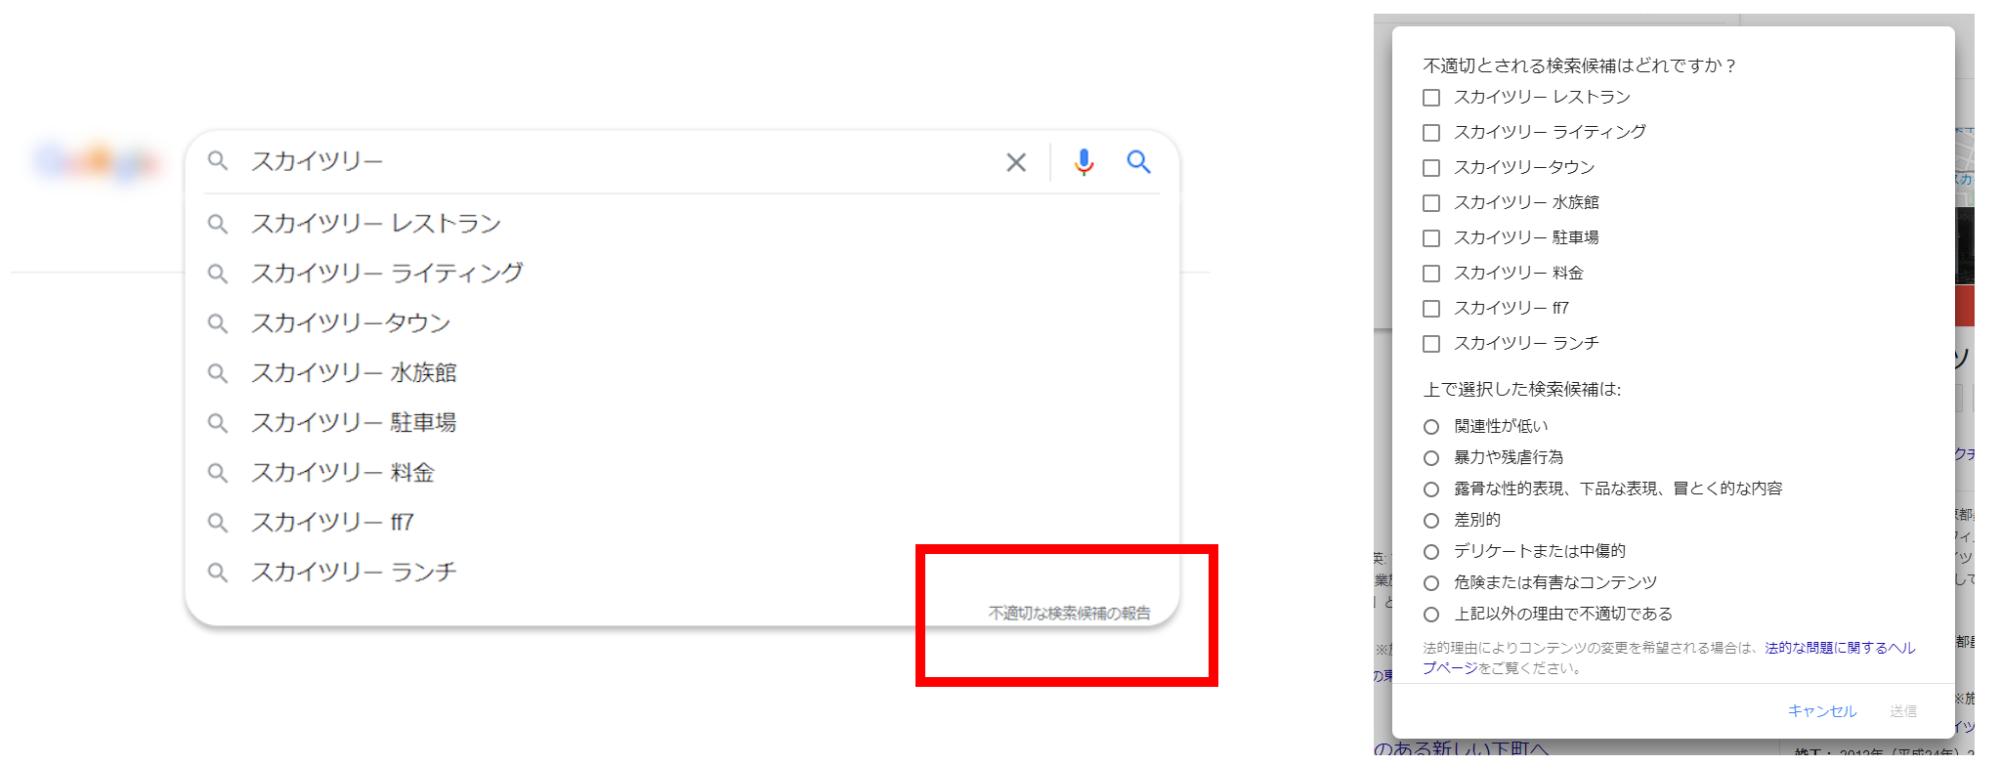 不適切な検索候補の報告